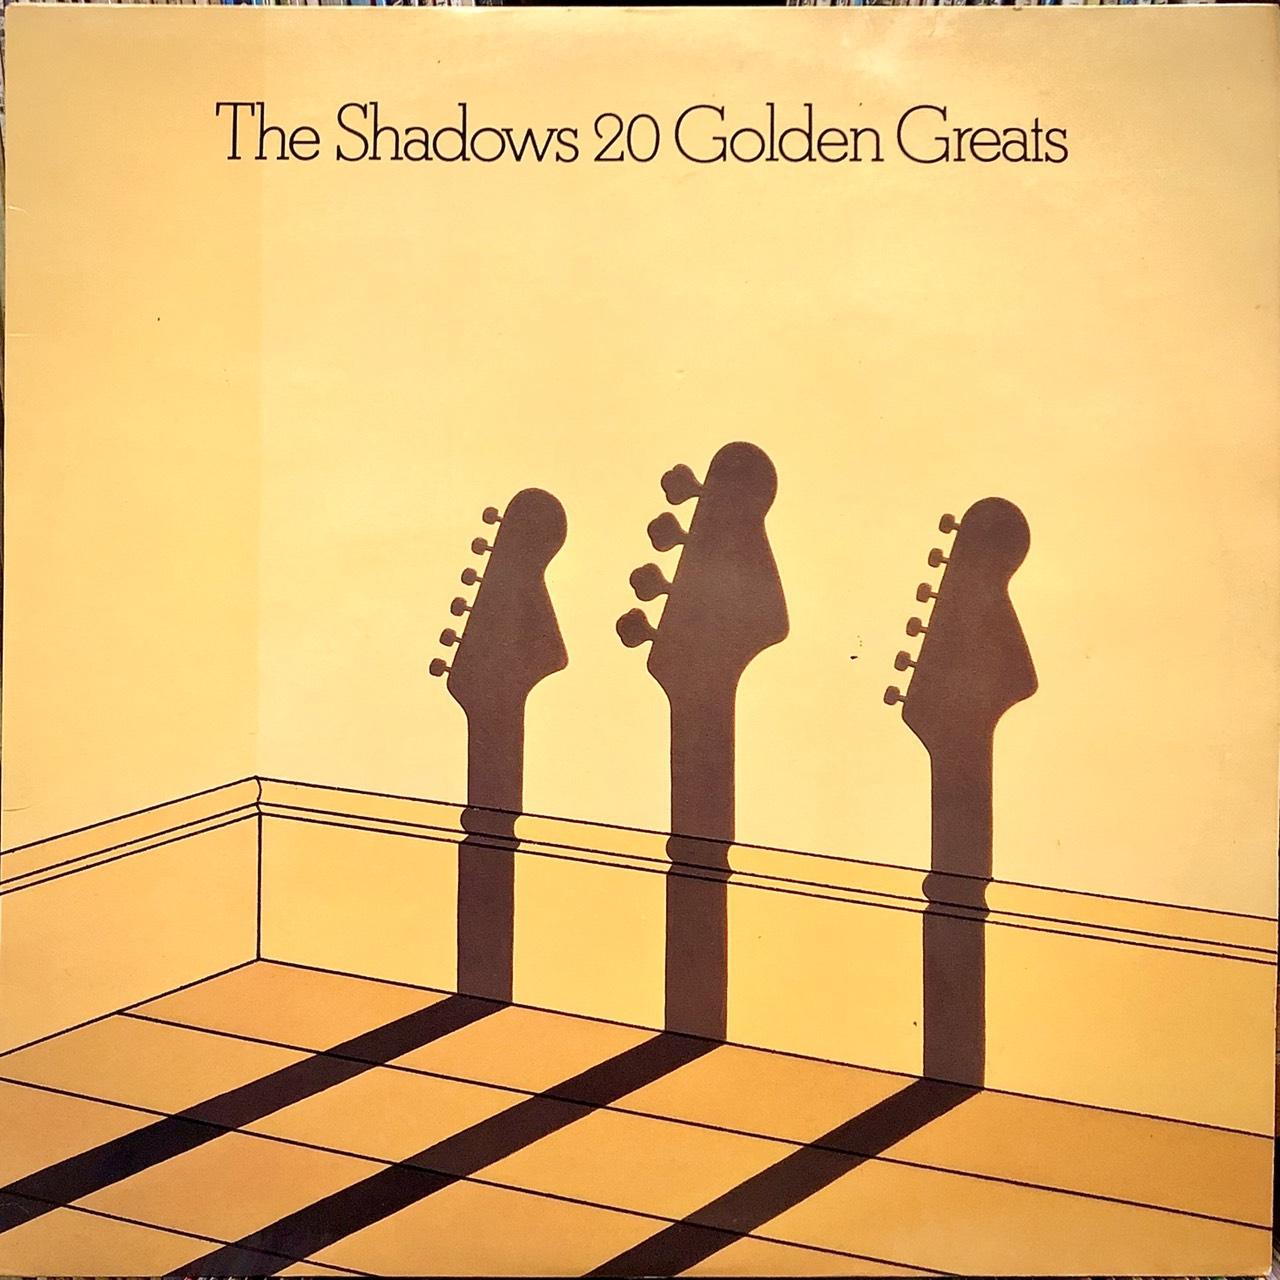 dia-than-the-shadows-20-golden-greats